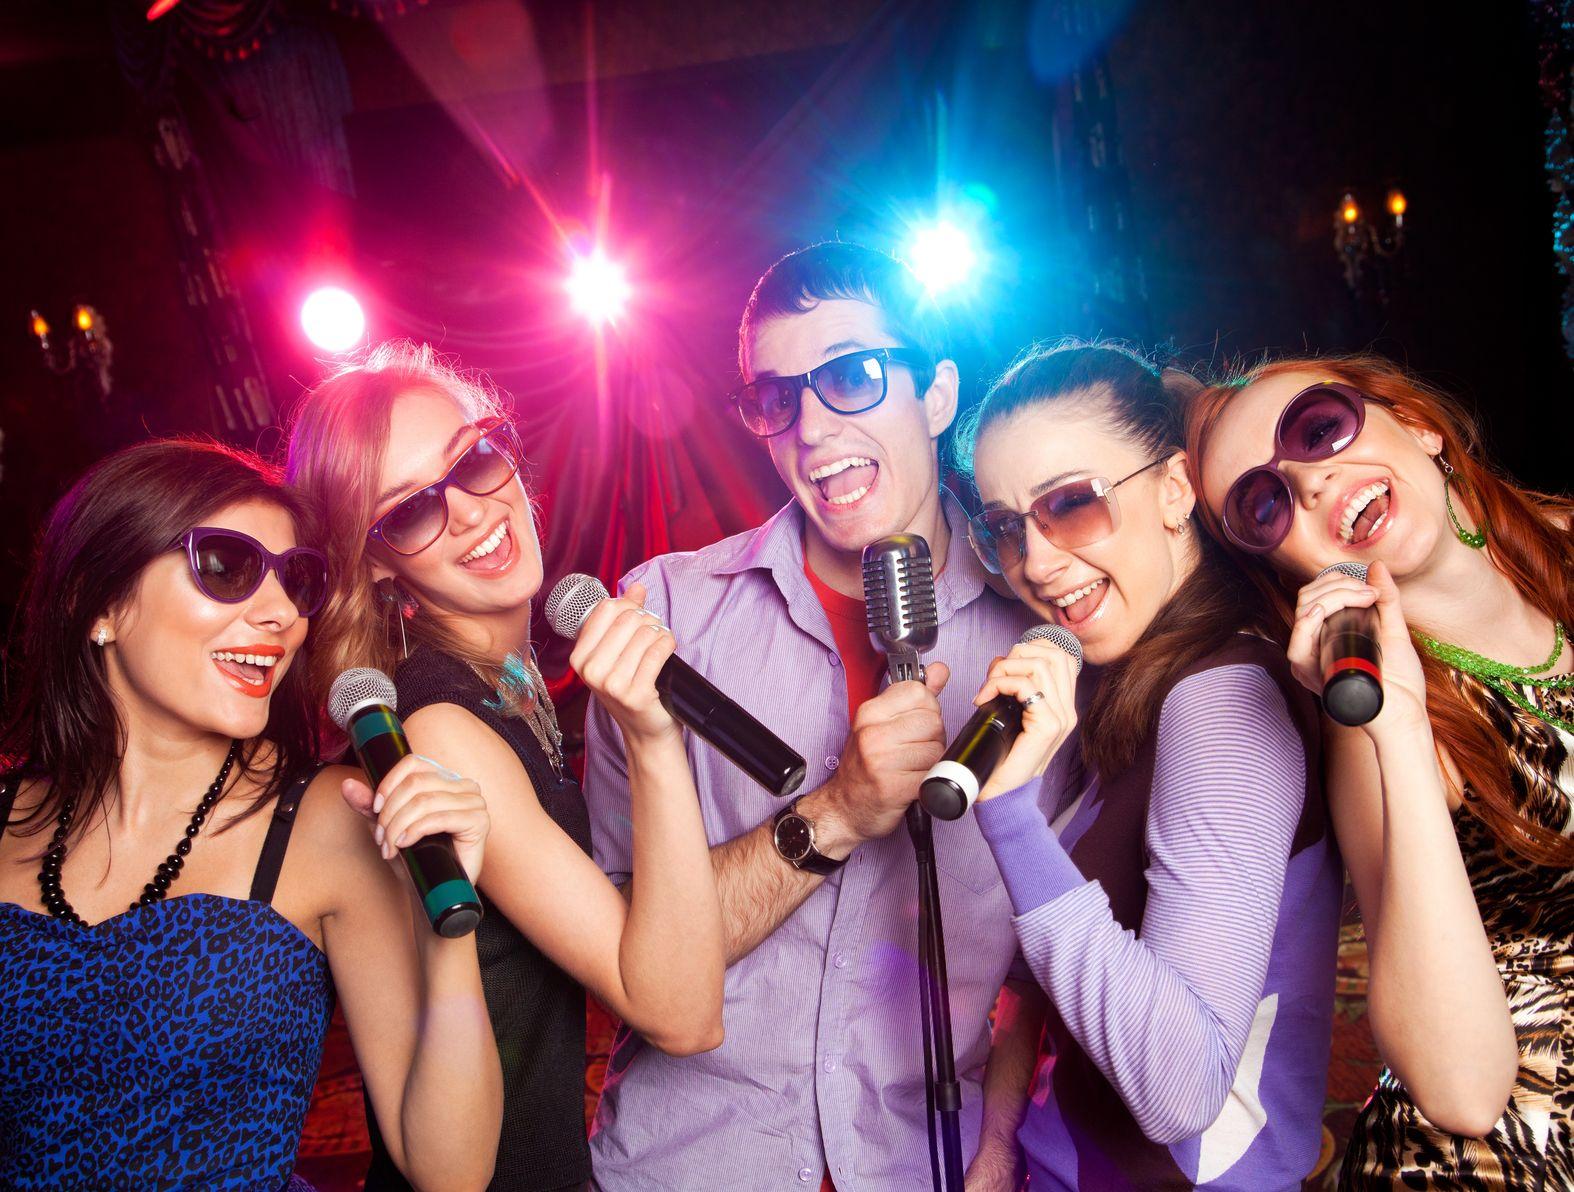 hat karaoke với hệ thống chuông gọi phục vụ